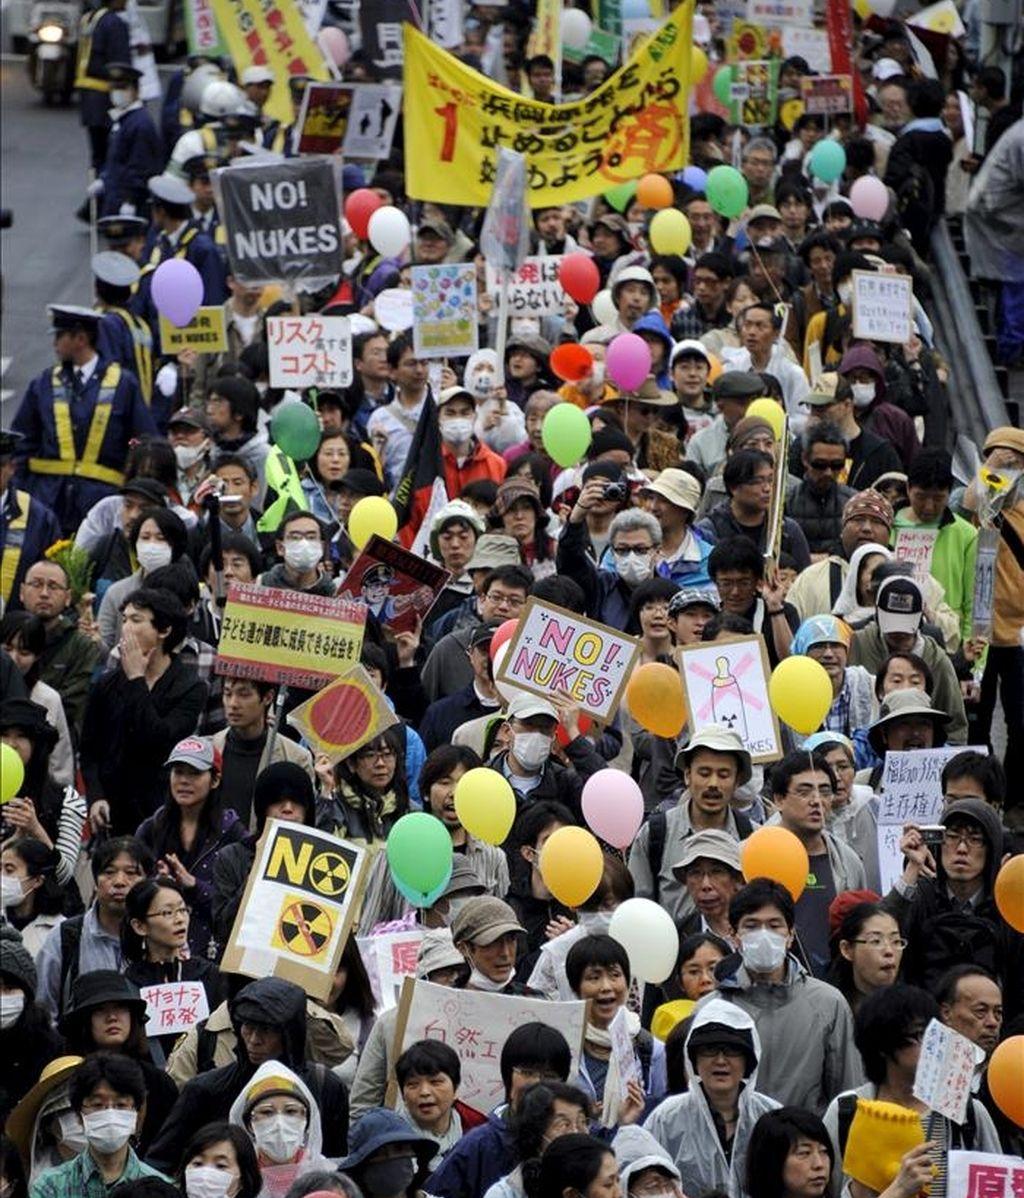 Manifestantes participan en unas protestas anti nucleares en Tokio (Japón). EFE